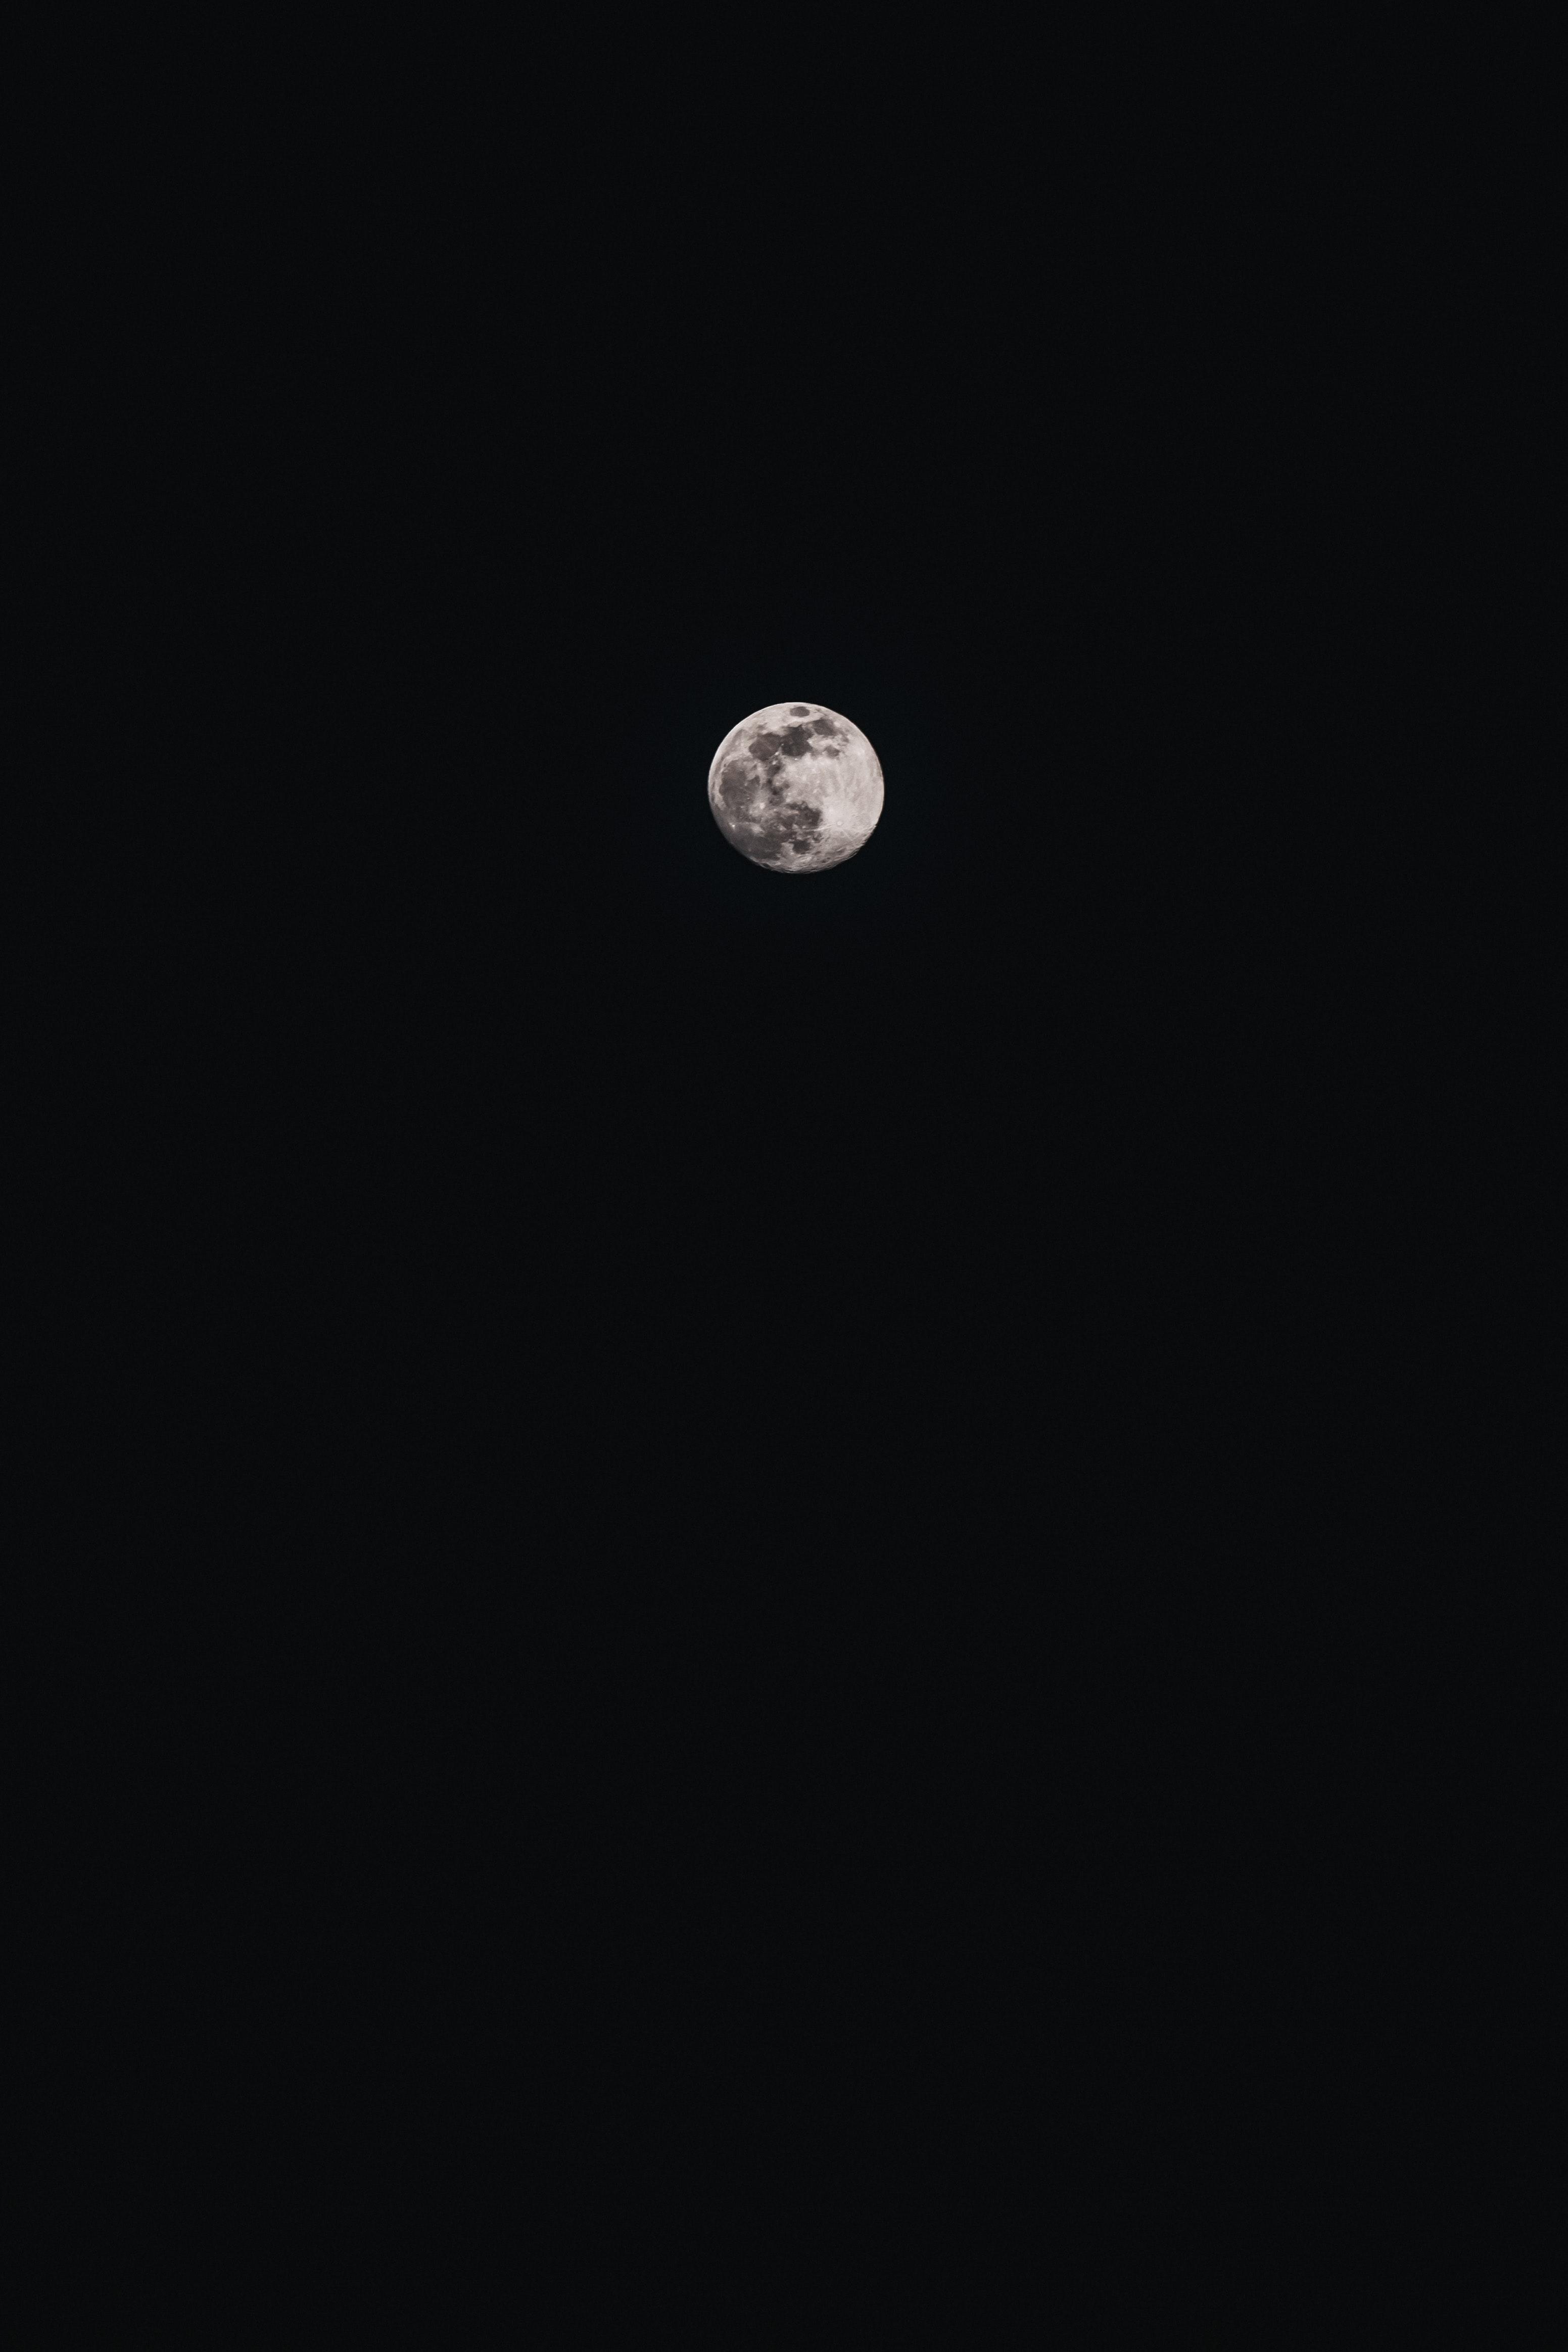 116378 免費下載壁紙 月球, 满月, 黑色的, 黑暗的, 黑暗 屏保和圖片